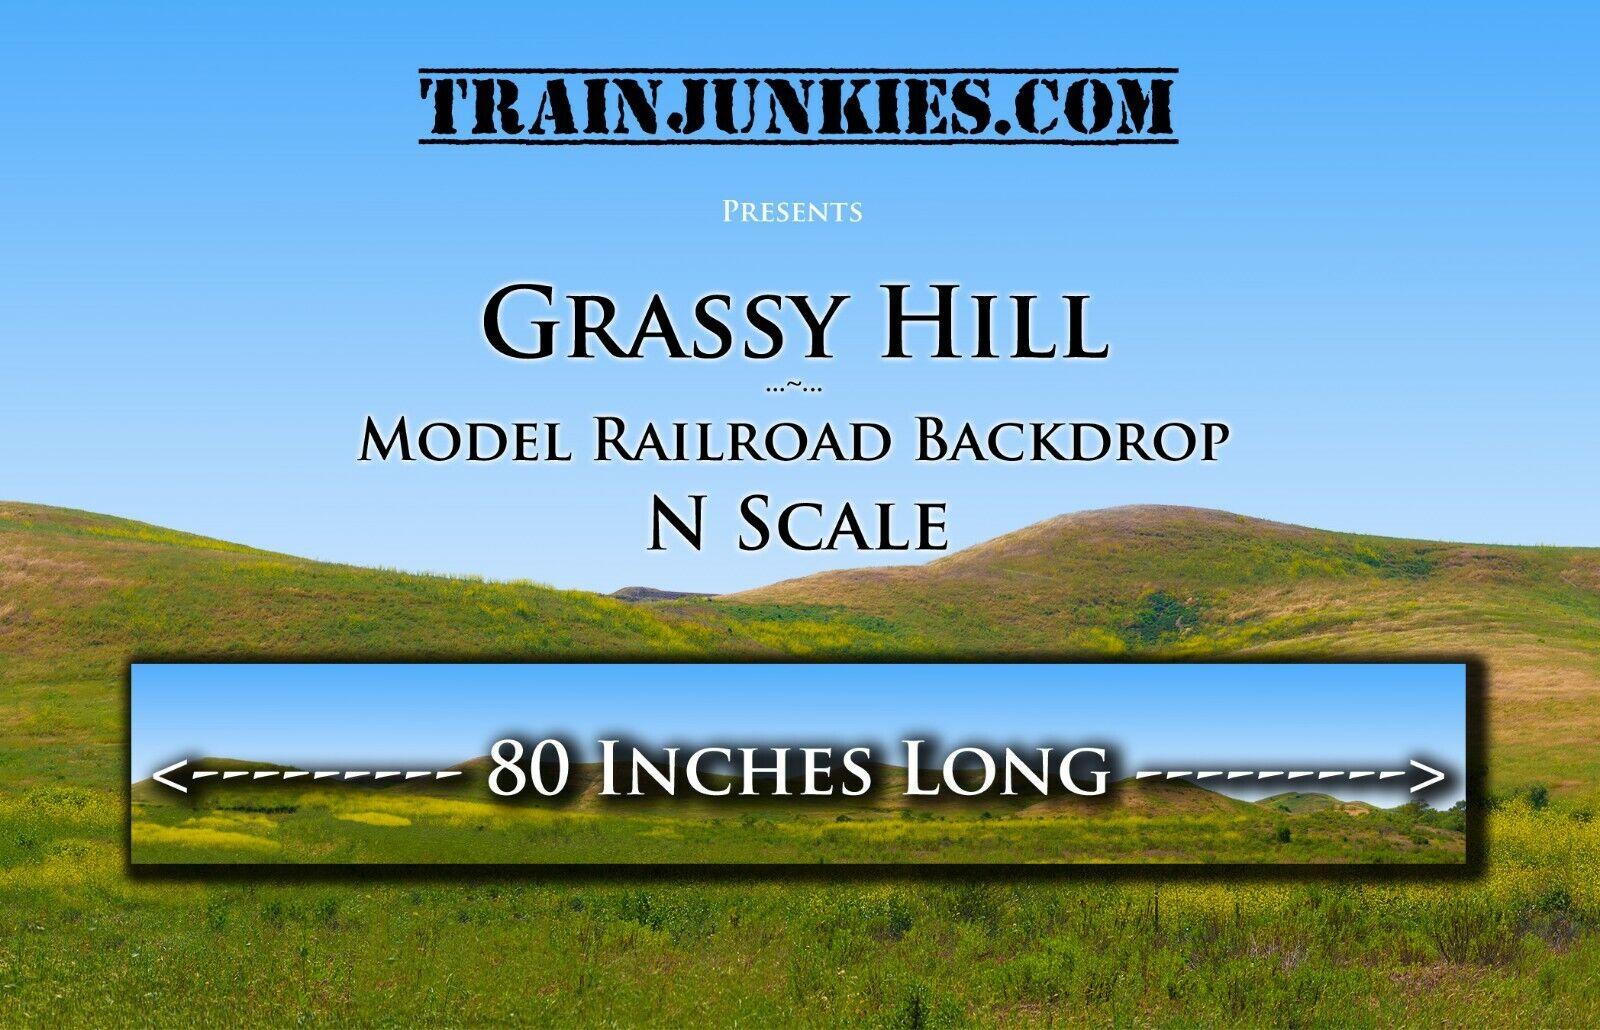 Tren Junkies N scale  hierbas verdes Hill  modelo del ferrocarril telón de fondo 12 x80